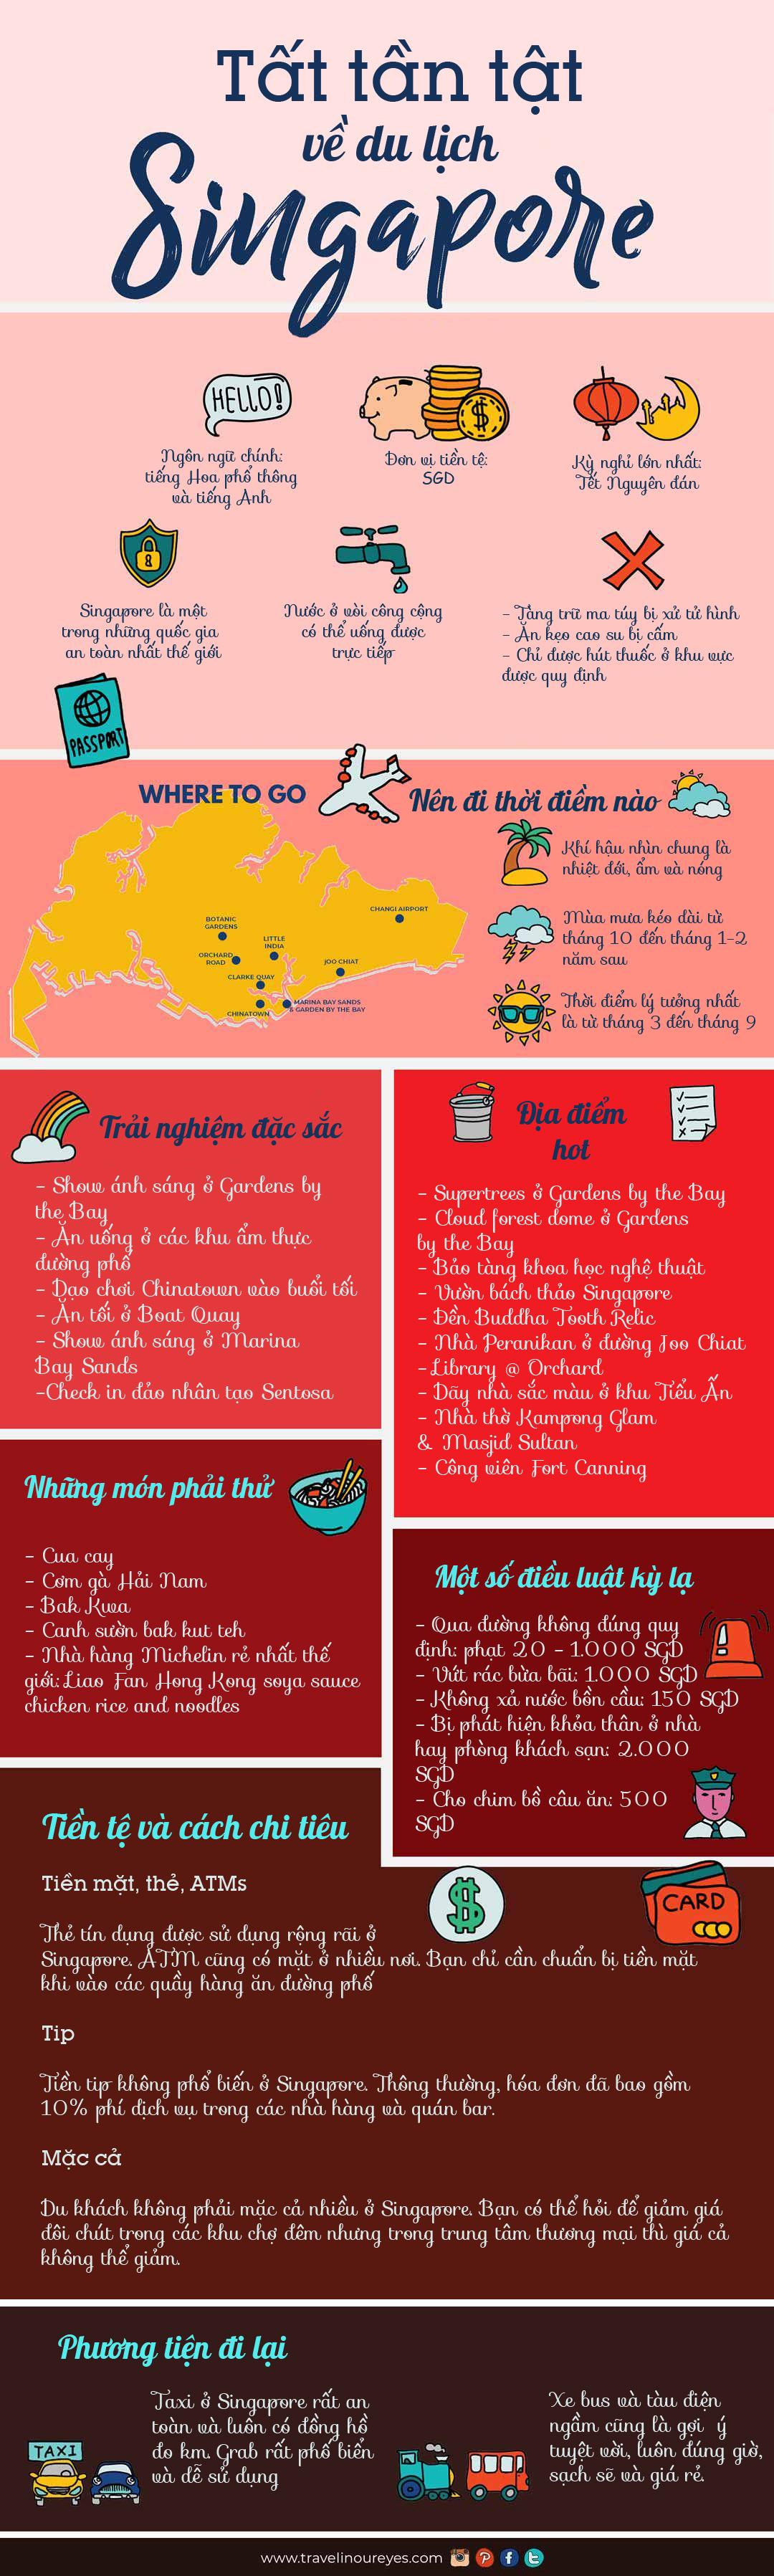 Những điều cần biết trước khi du lịch Singapore